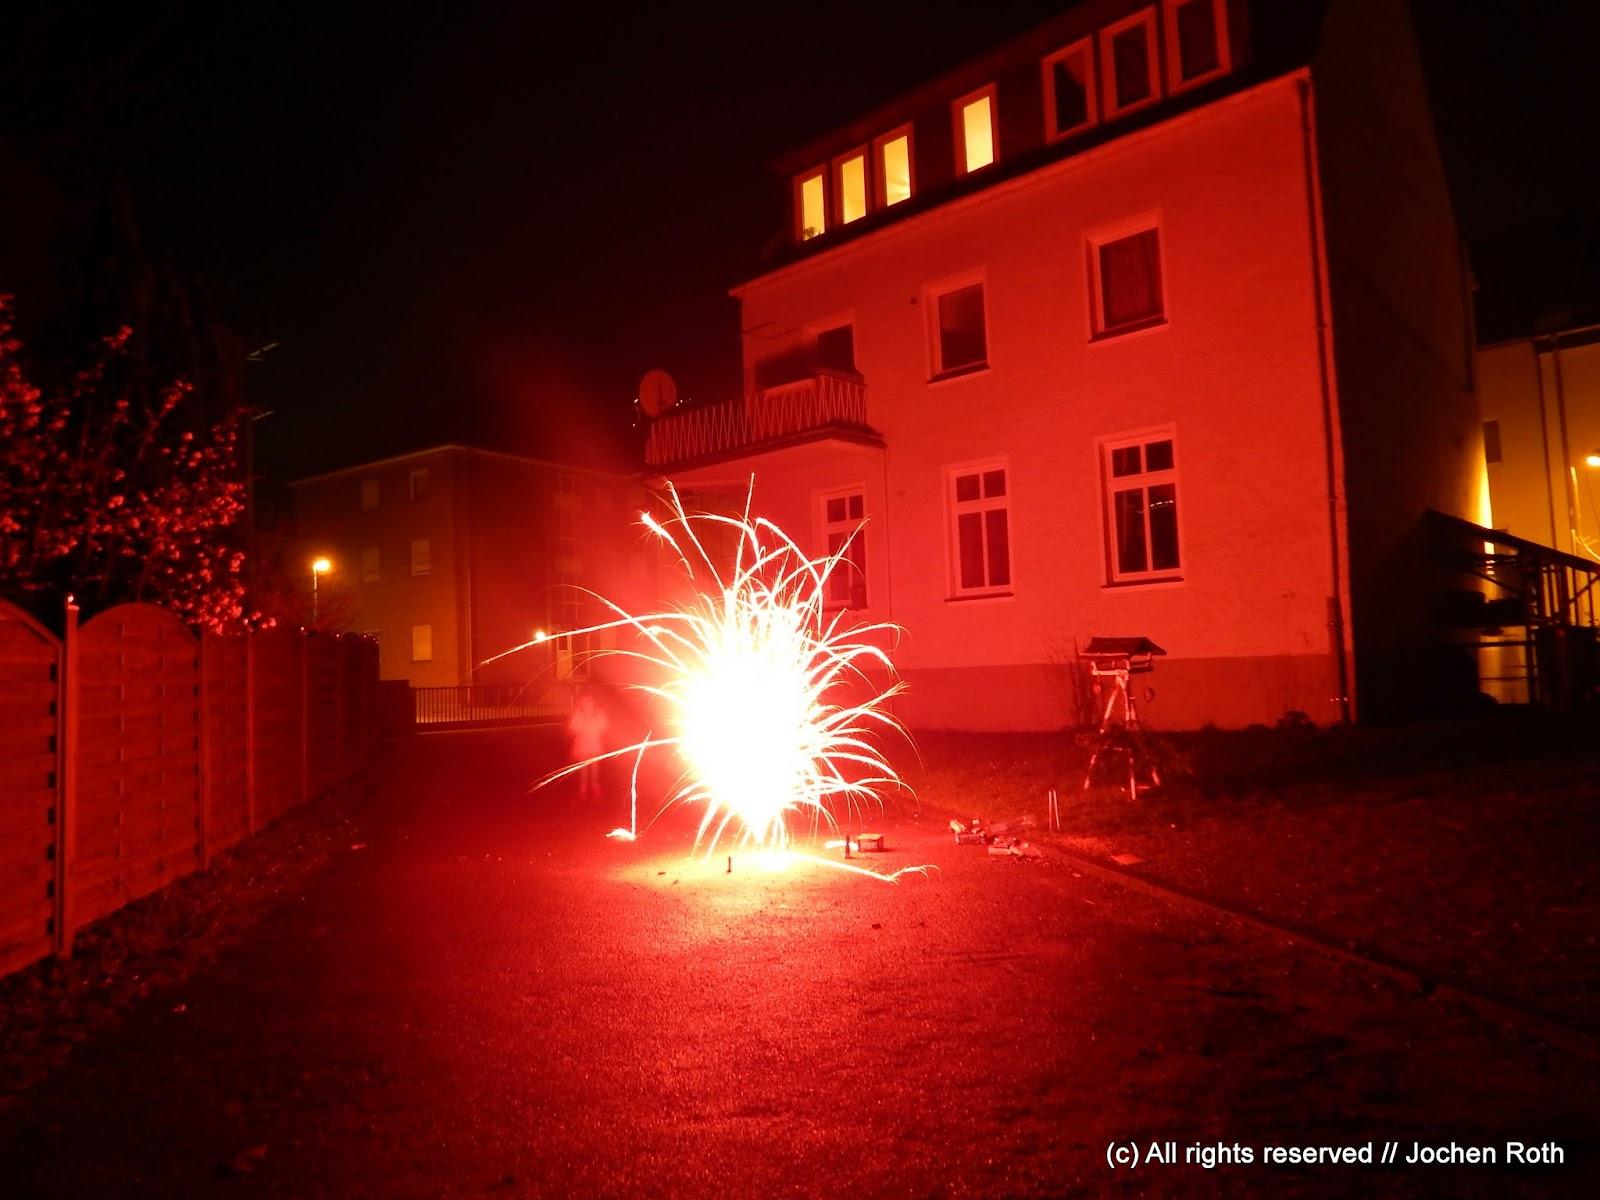 Die 3 Roth: Frohes neues Jahr !!!